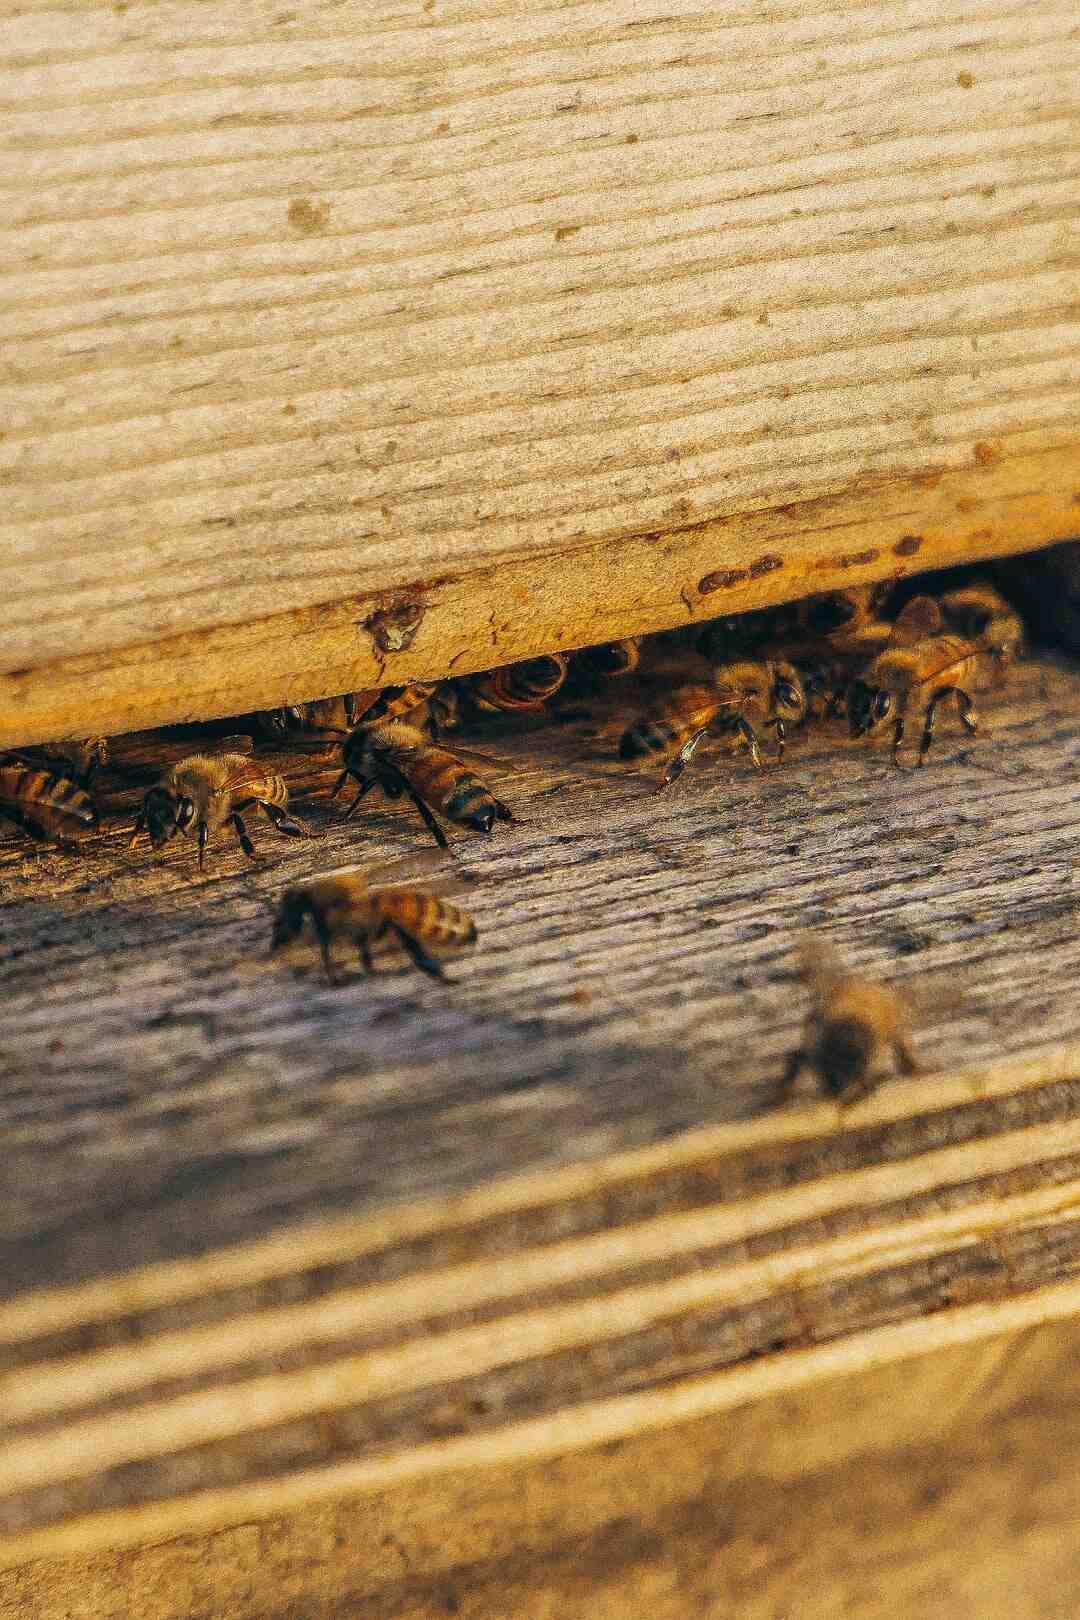 Comment enlever le dard d'une abeille